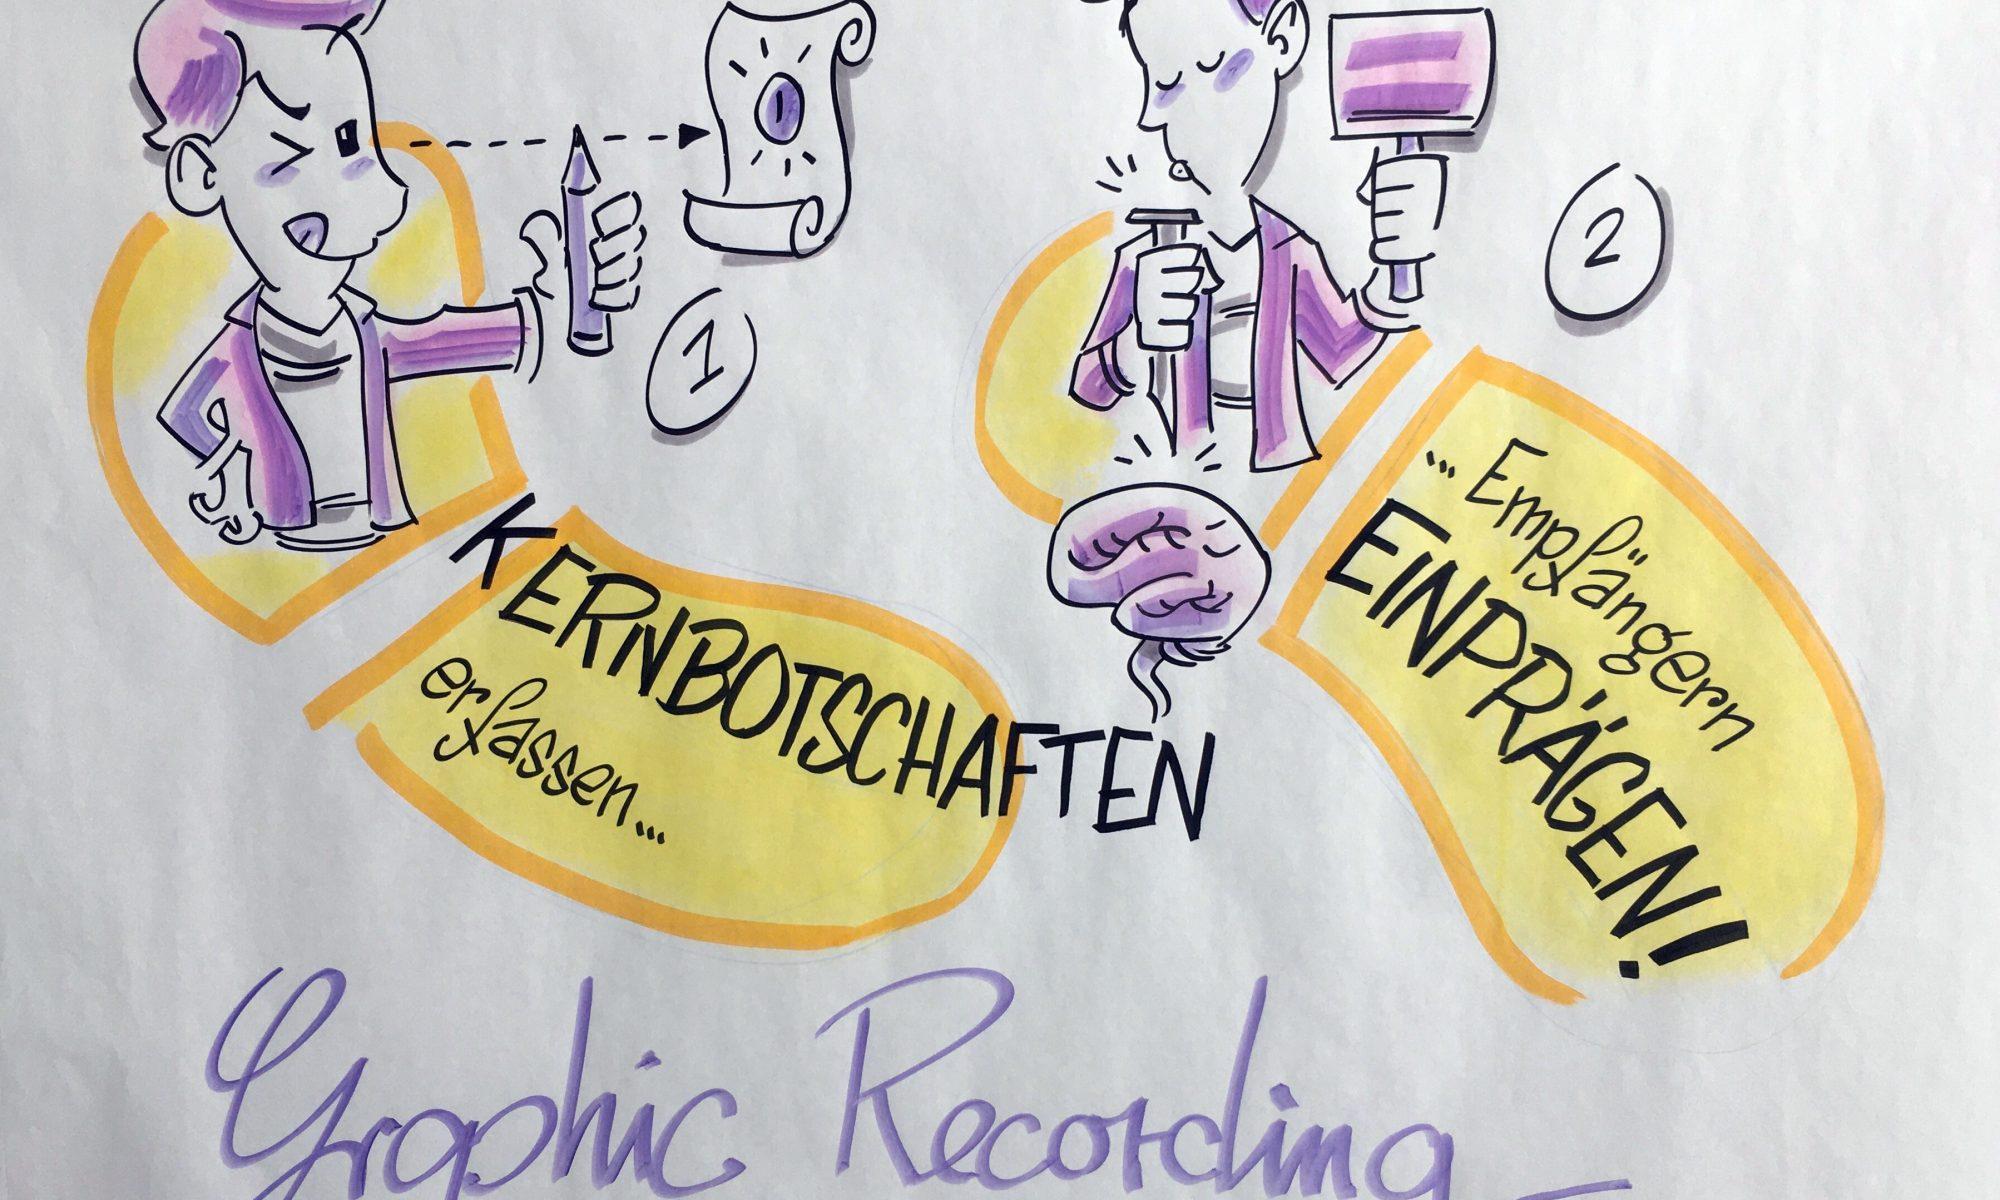 Beispiel für ein Graphic Recording von Klaus Gehrmann